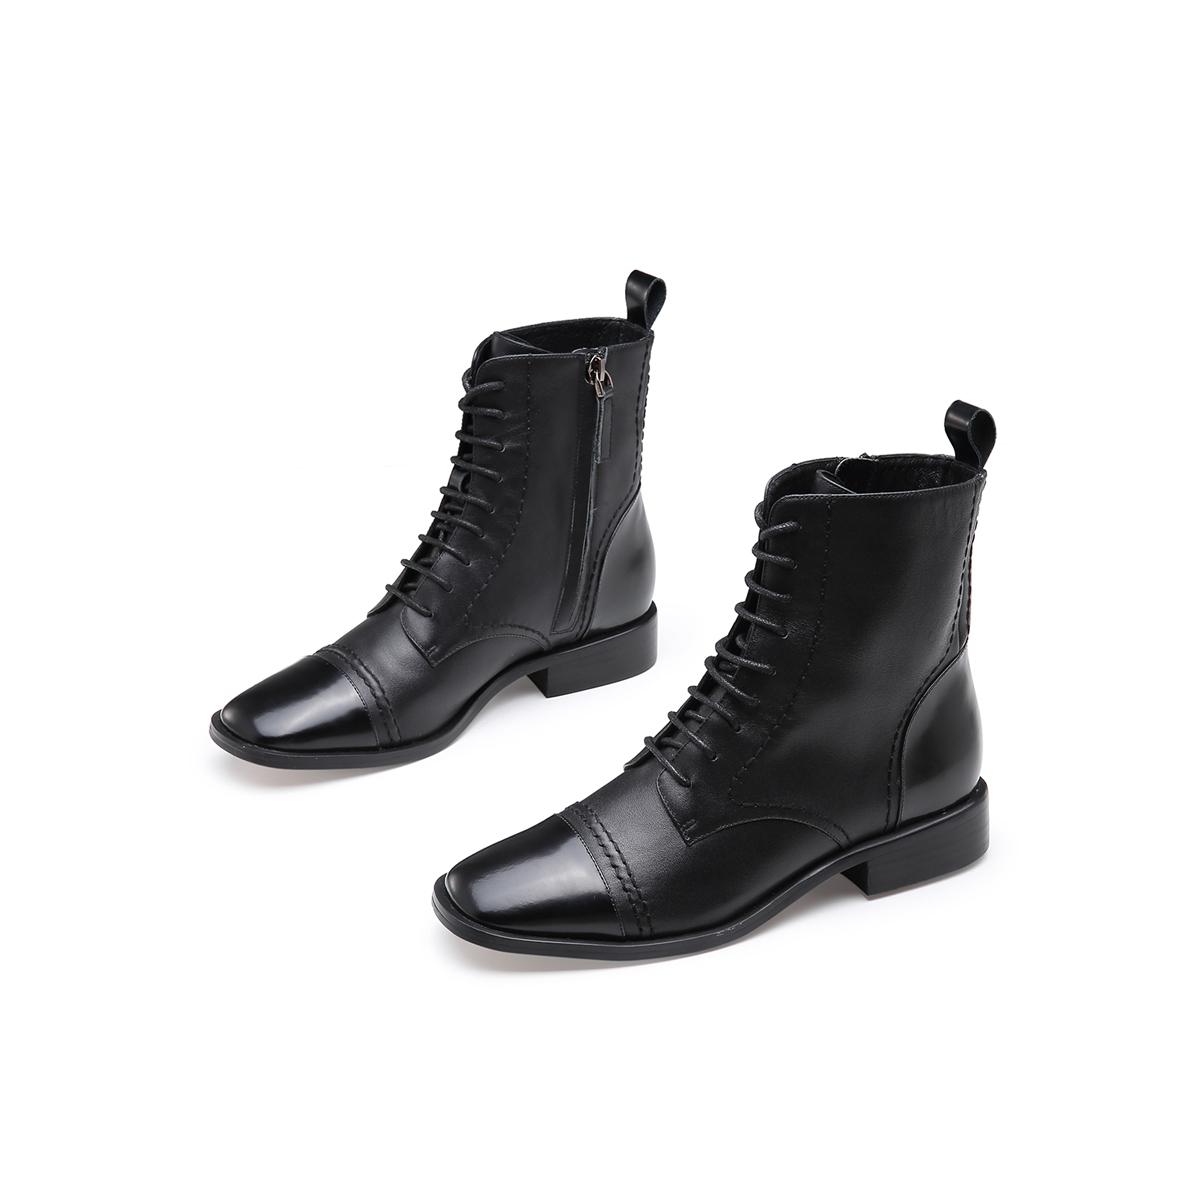 马丁靴新款牛皮拼接拉链低跟靴子女